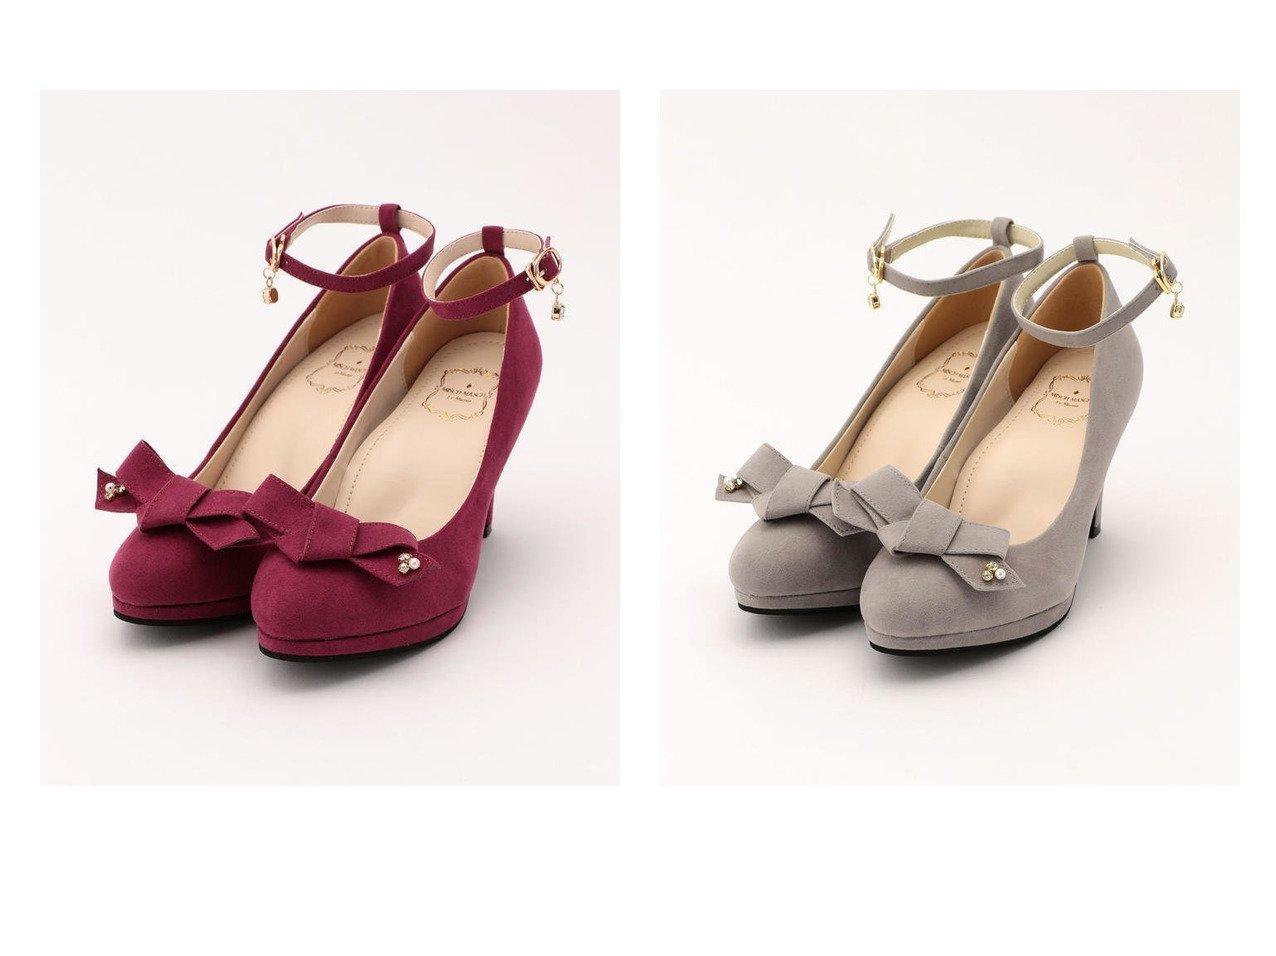 【MISCH MASCH/ミッシュマッシュ】の【美人百花12月号掲載】コンフォートパンプス2019FW シューズ・靴のおすすめ!人気、トレンド・レディースファッションの通販 おすすめで人気の流行・トレンド、ファッションの通販商品 メンズファッション・キッズファッション・インテリア・家具・レディースファッション・服の通販 founy(ファニー) https://founy.com/ 雑誌掲載アイテム Magazine items ファッション雑誌 Fashion magazines ビジンヒャッカ 美人百花 レイ Ray ファッション Fashion レディースファッション WOMEN 12月号 1月号 A/W 秋冬 AW Autumn/Winter / FW Fall-Winter シューズ シンプル ラップ リボン 再入荷 Restock/Back in Stock/Re Arrival 雑誌  ID:crp329100000012970